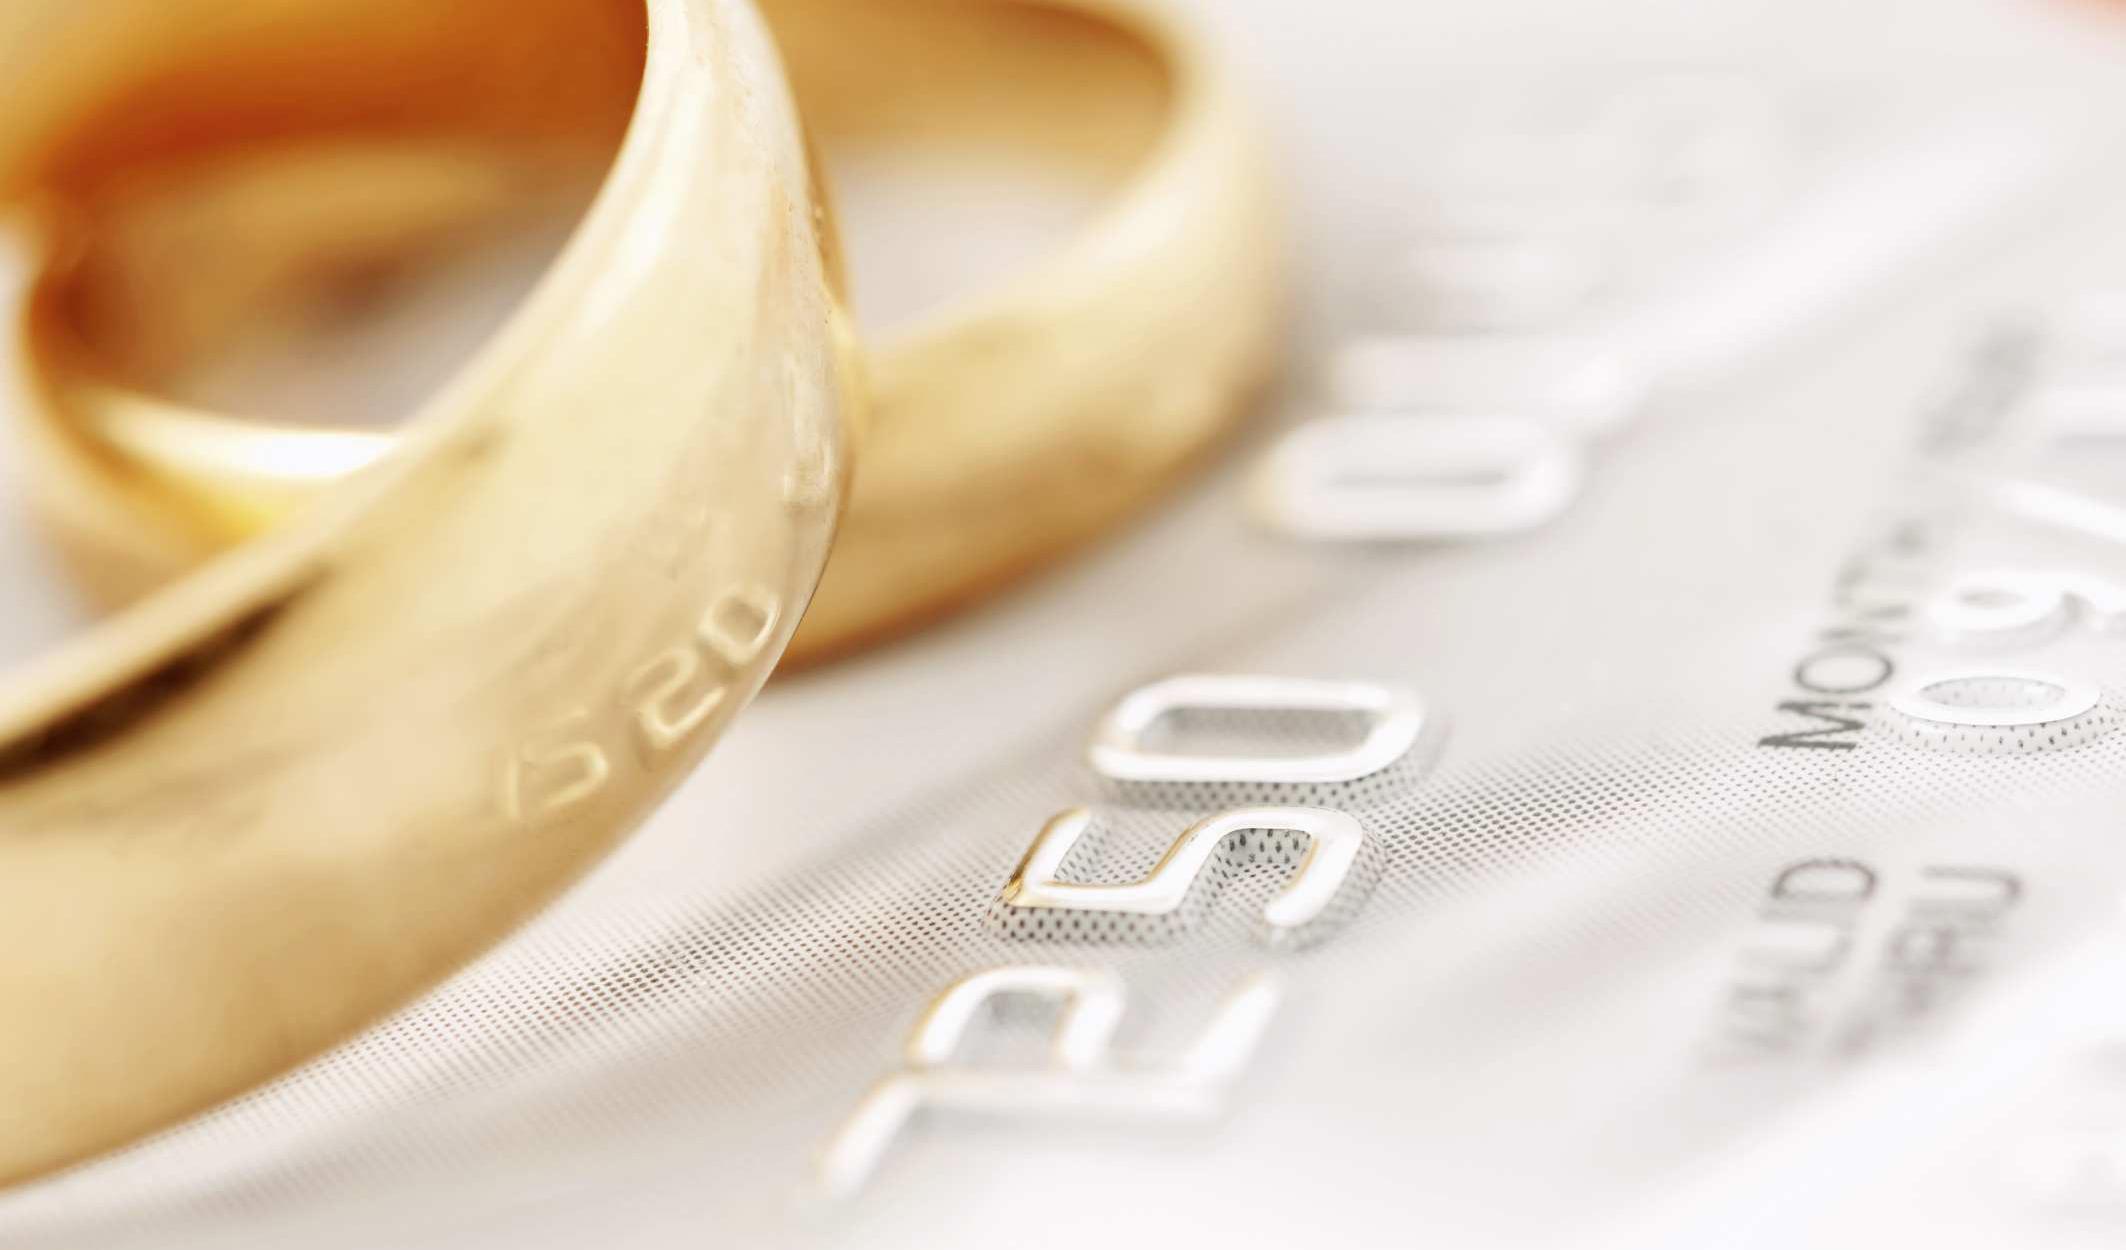 پرداخت وام ۱۰۰ میلیونی ازدواج آغاز شد/ وام ادواج با وام مسکن تجمیع می شود؟